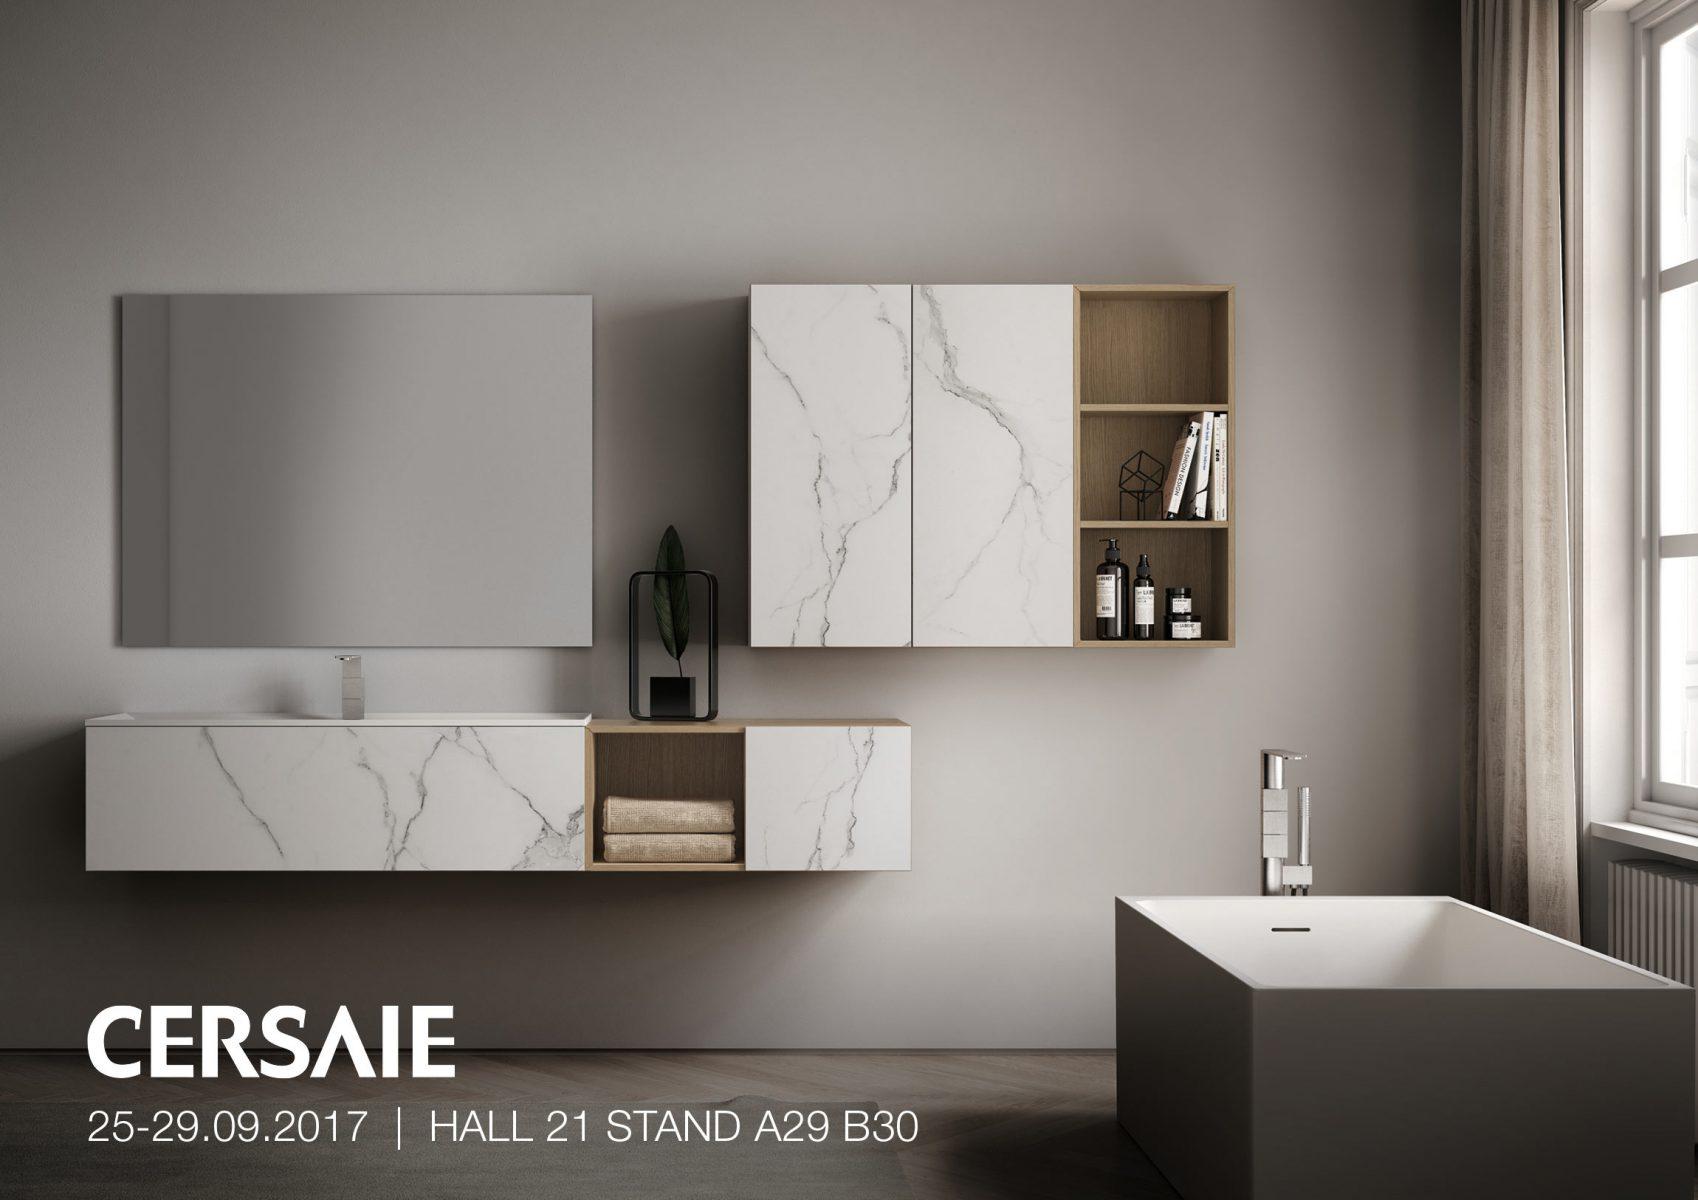 bathroom ideas: cabinets and accessories - ideagroup - Arredo Bagno Barlassina